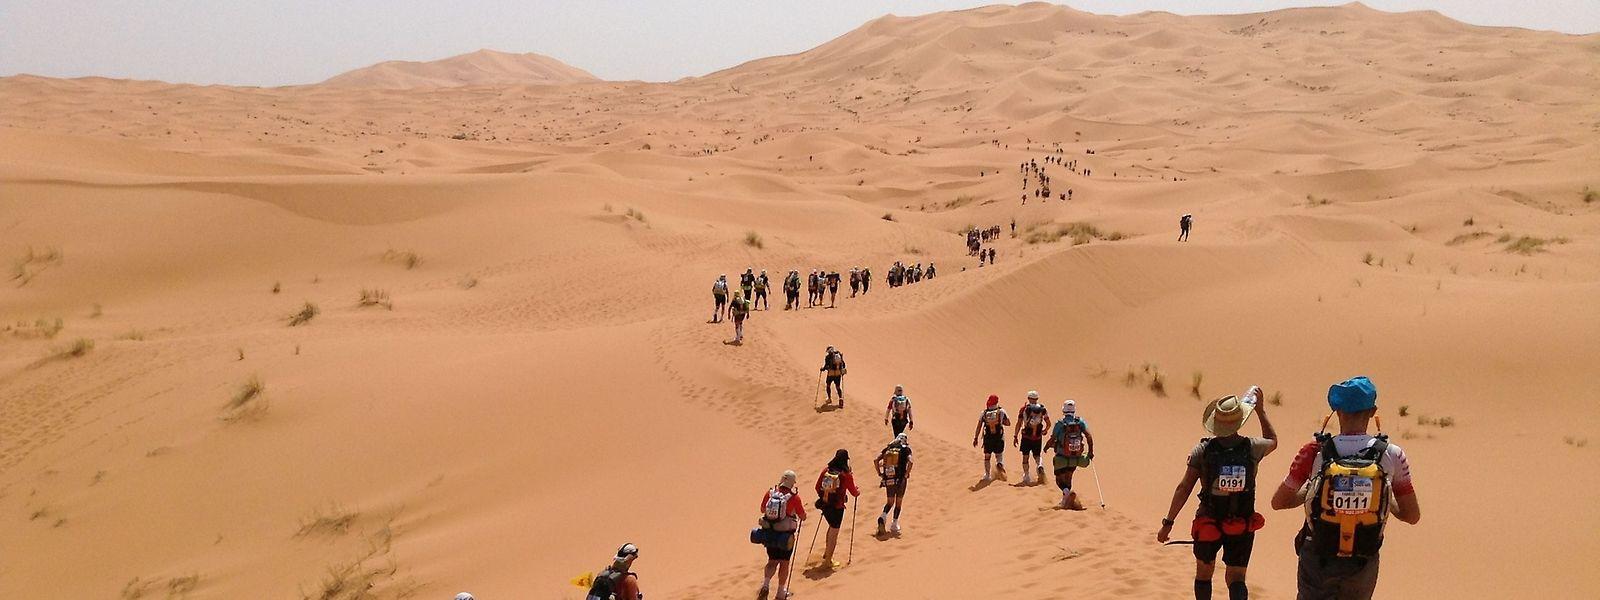 Marathon des Sables: «Certains concurrents marchent beaucoup pendant l'épreuve. Courir dans le sable par une telle chaleur est extrêmement difficile lorsque l'on ne s'est pas entraîné à supporter ces conditions.»